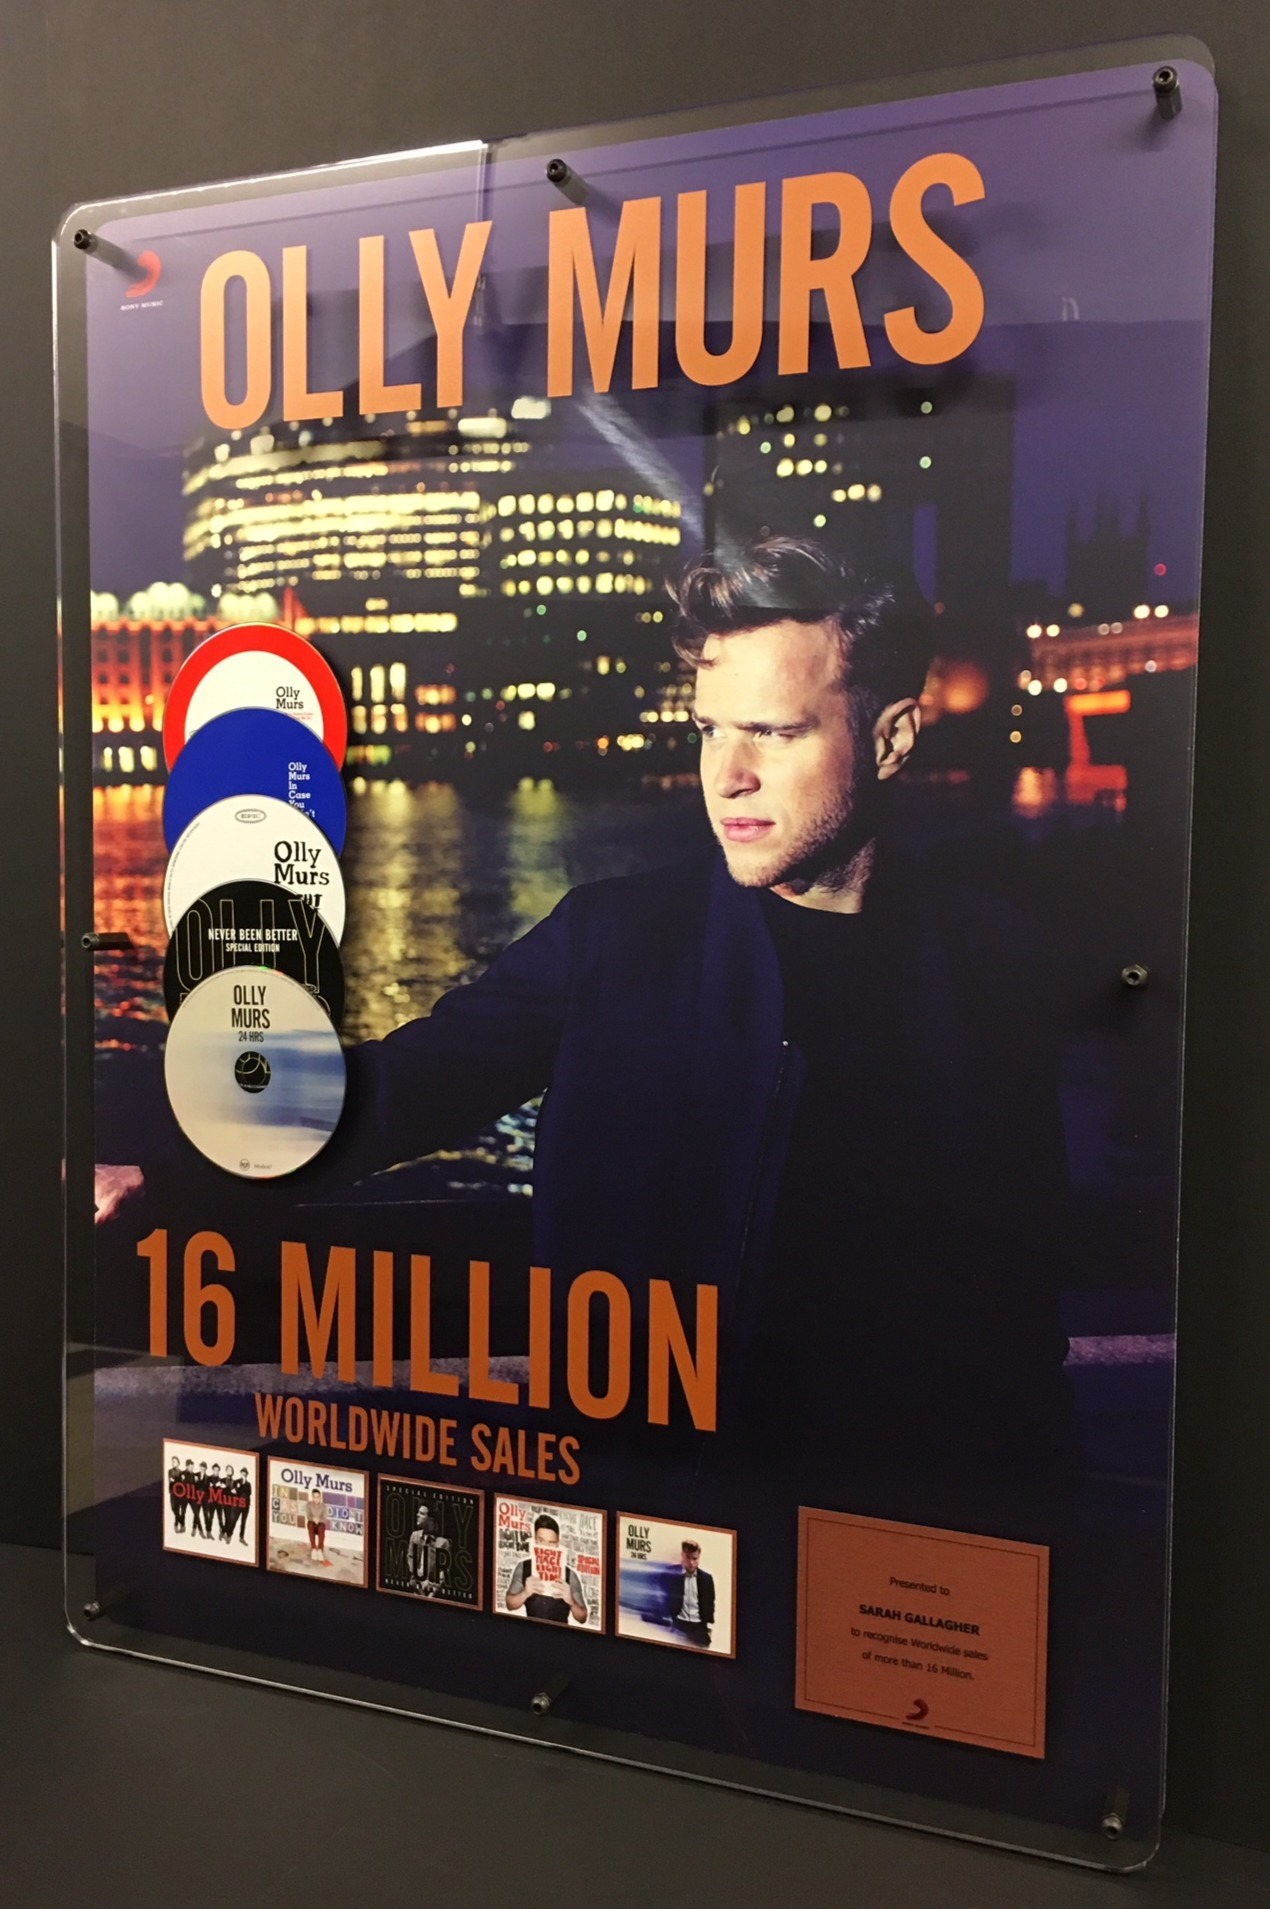 Olly Murs 600x800mm Acrylic